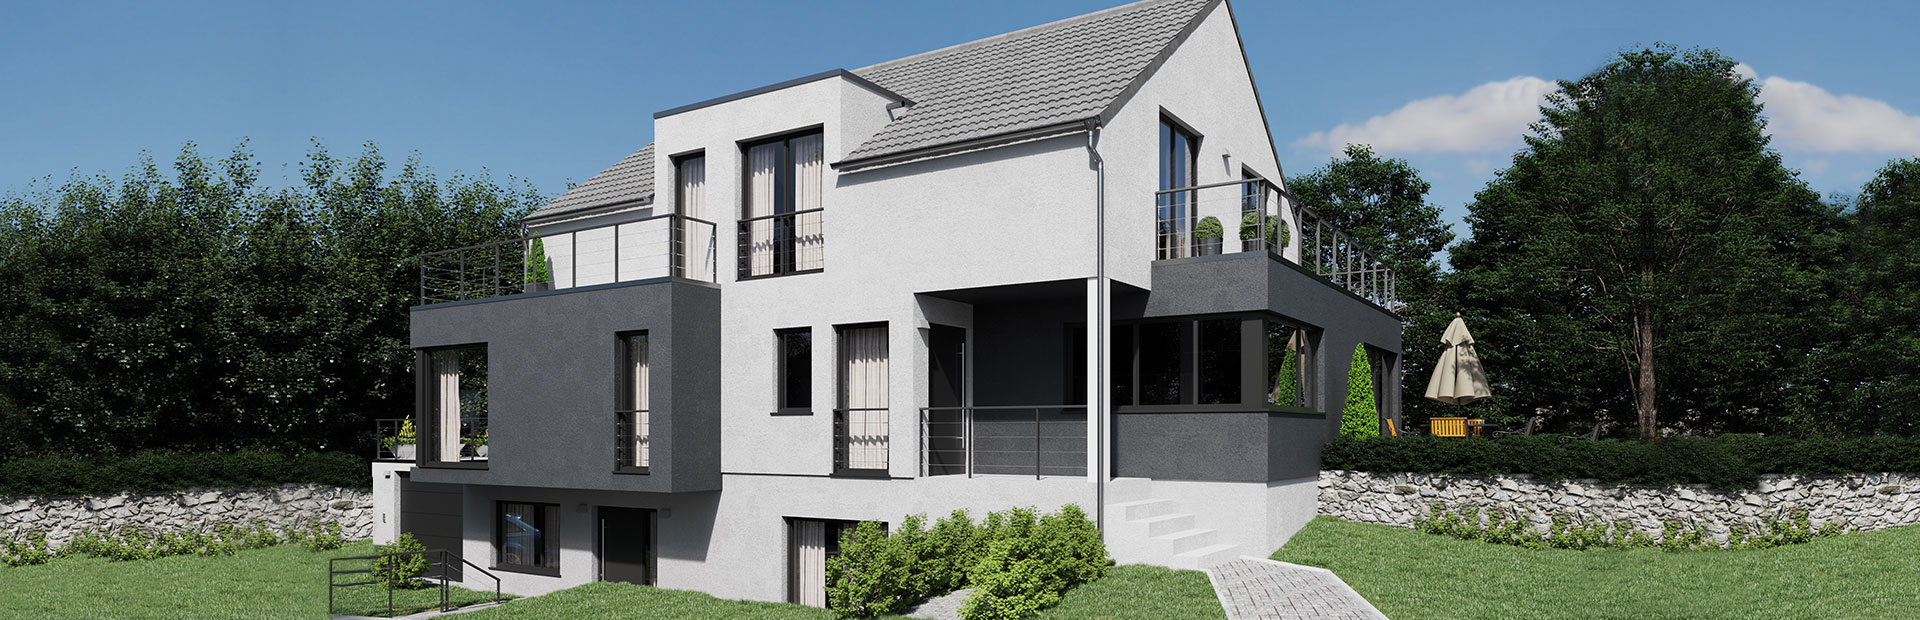 Zweifamilienhaus mit Freisitzflächen und einer durchdachten Grundrissplanung bauen lassen